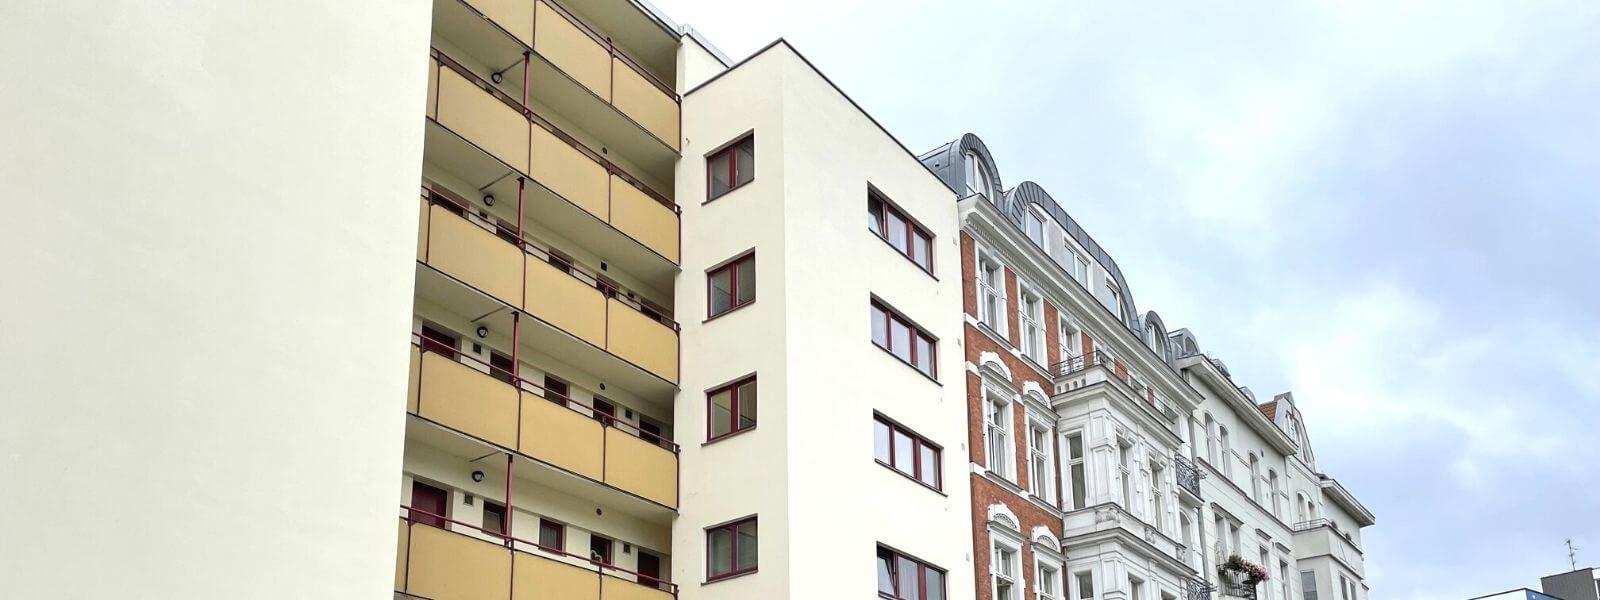 Mehrfamilienhaus in Berlin.